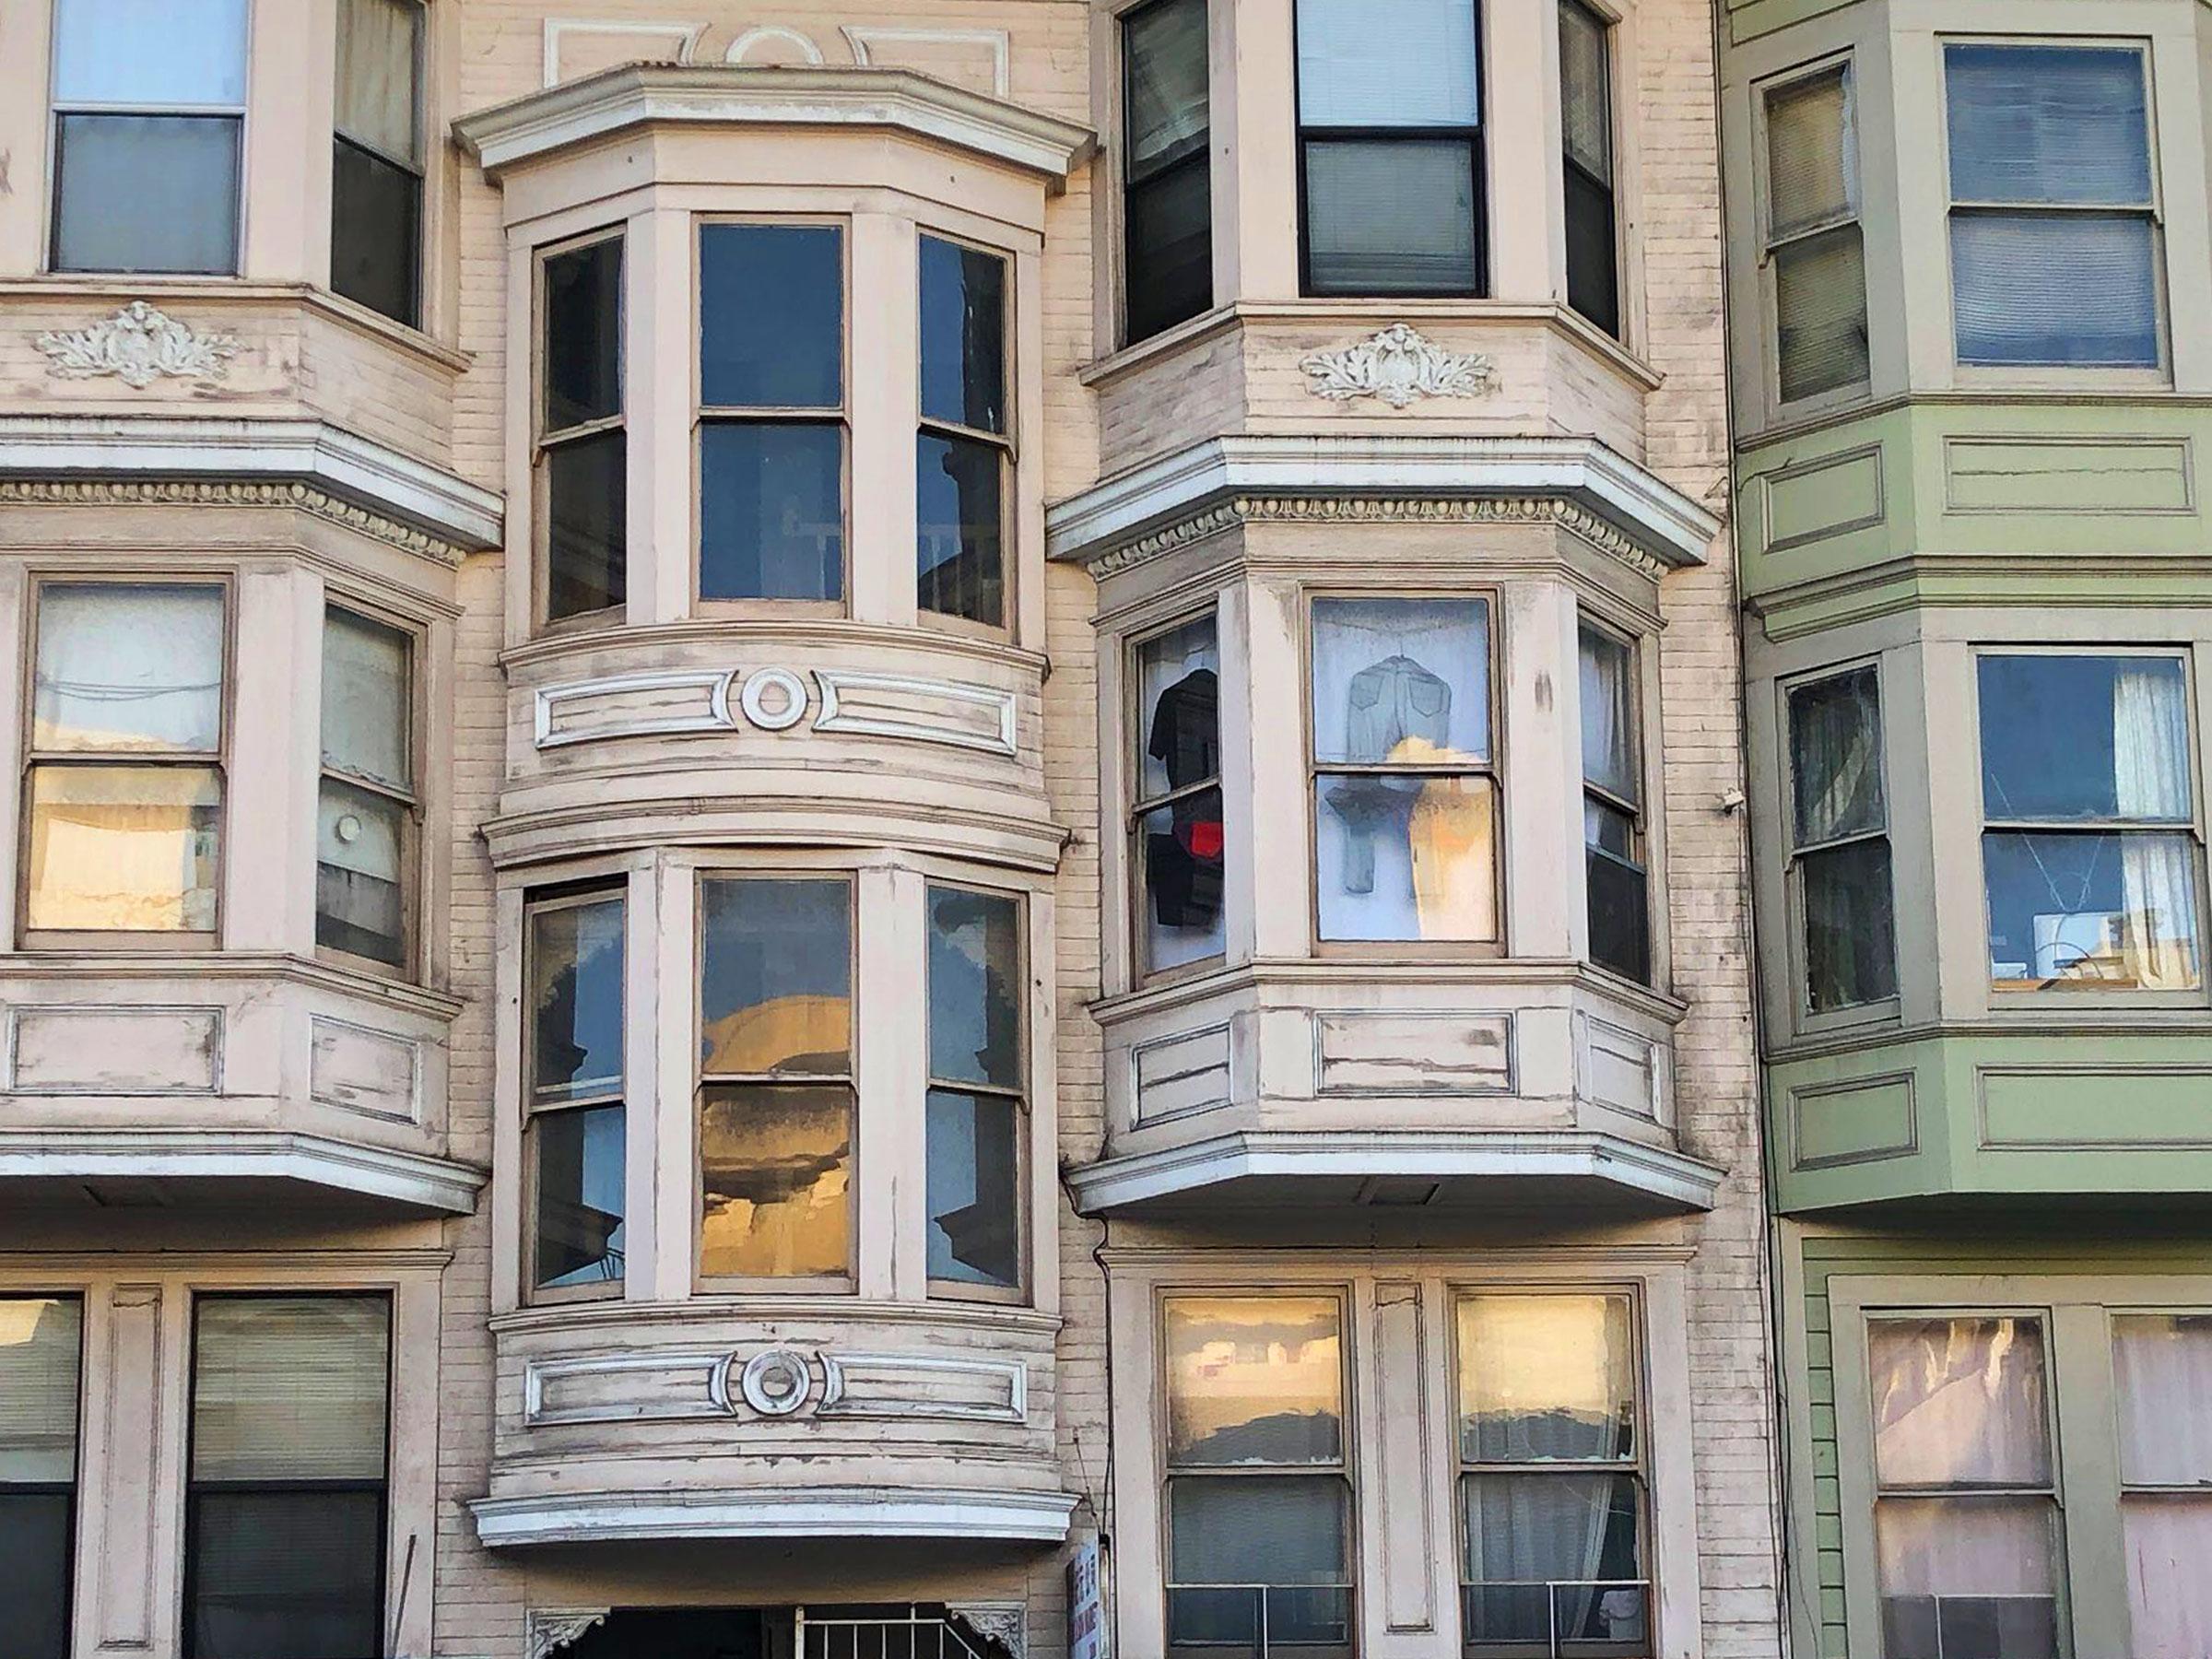 facades_03.jpg